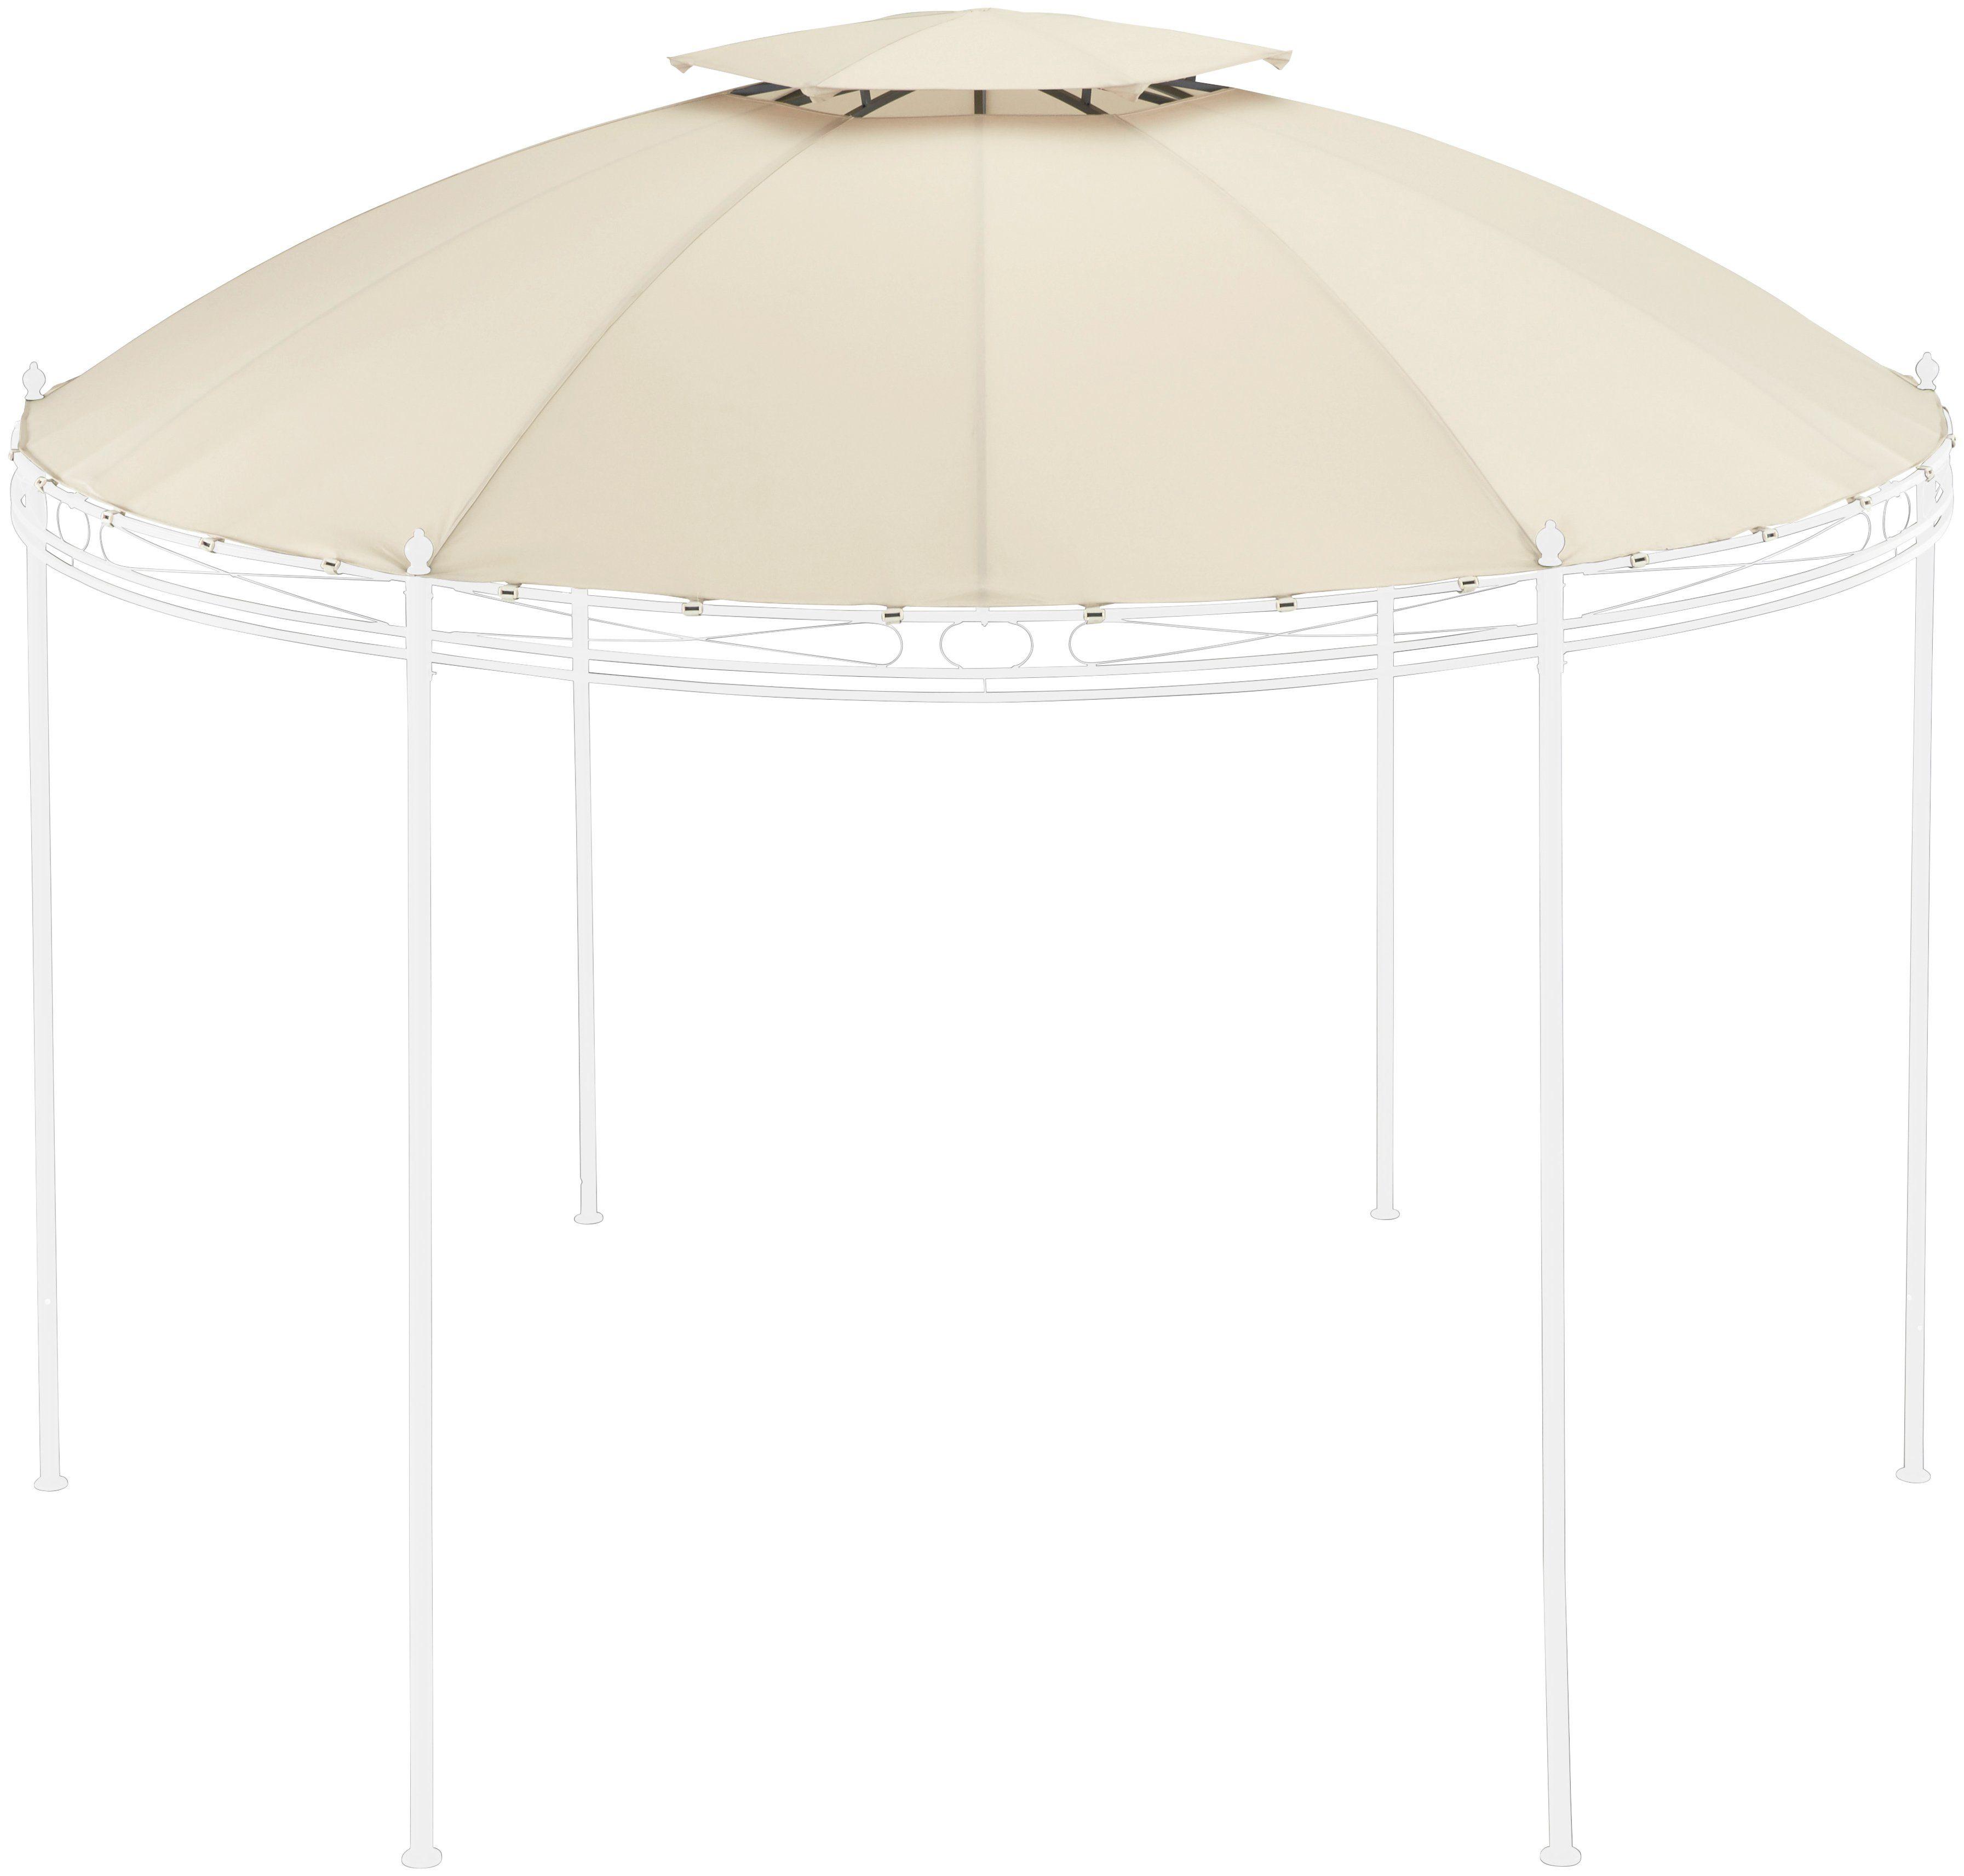 Ersatzdach für Pavillon, 350 x 350 cm